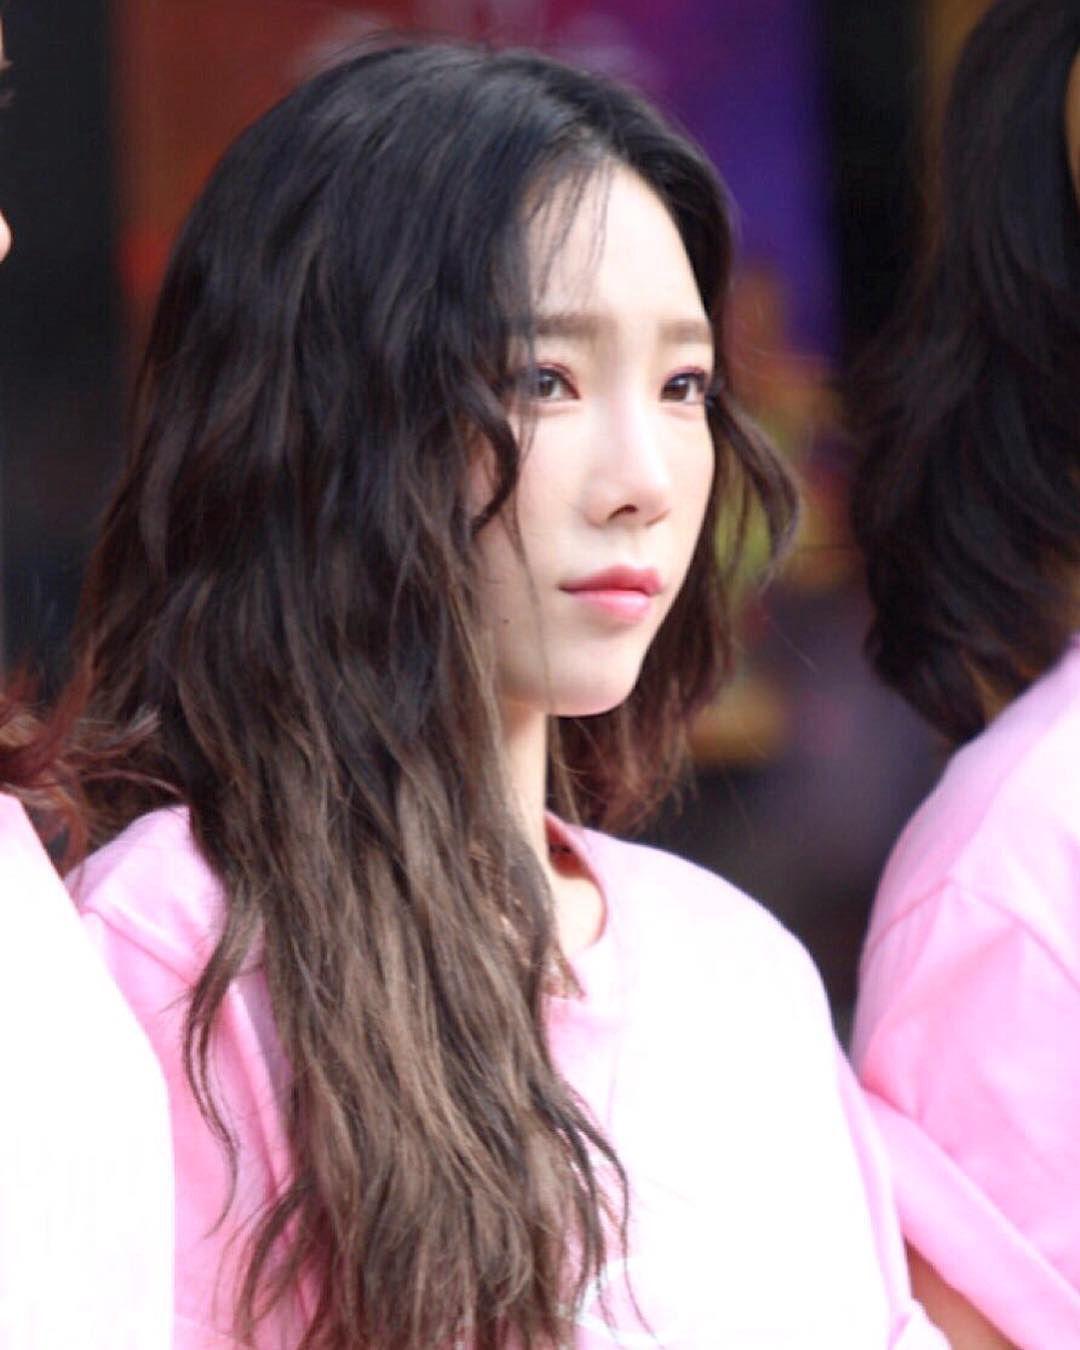 Hingga Jiyong memutuskan untuk mengalihkan tatapannya dari wajah cantik gadis itu